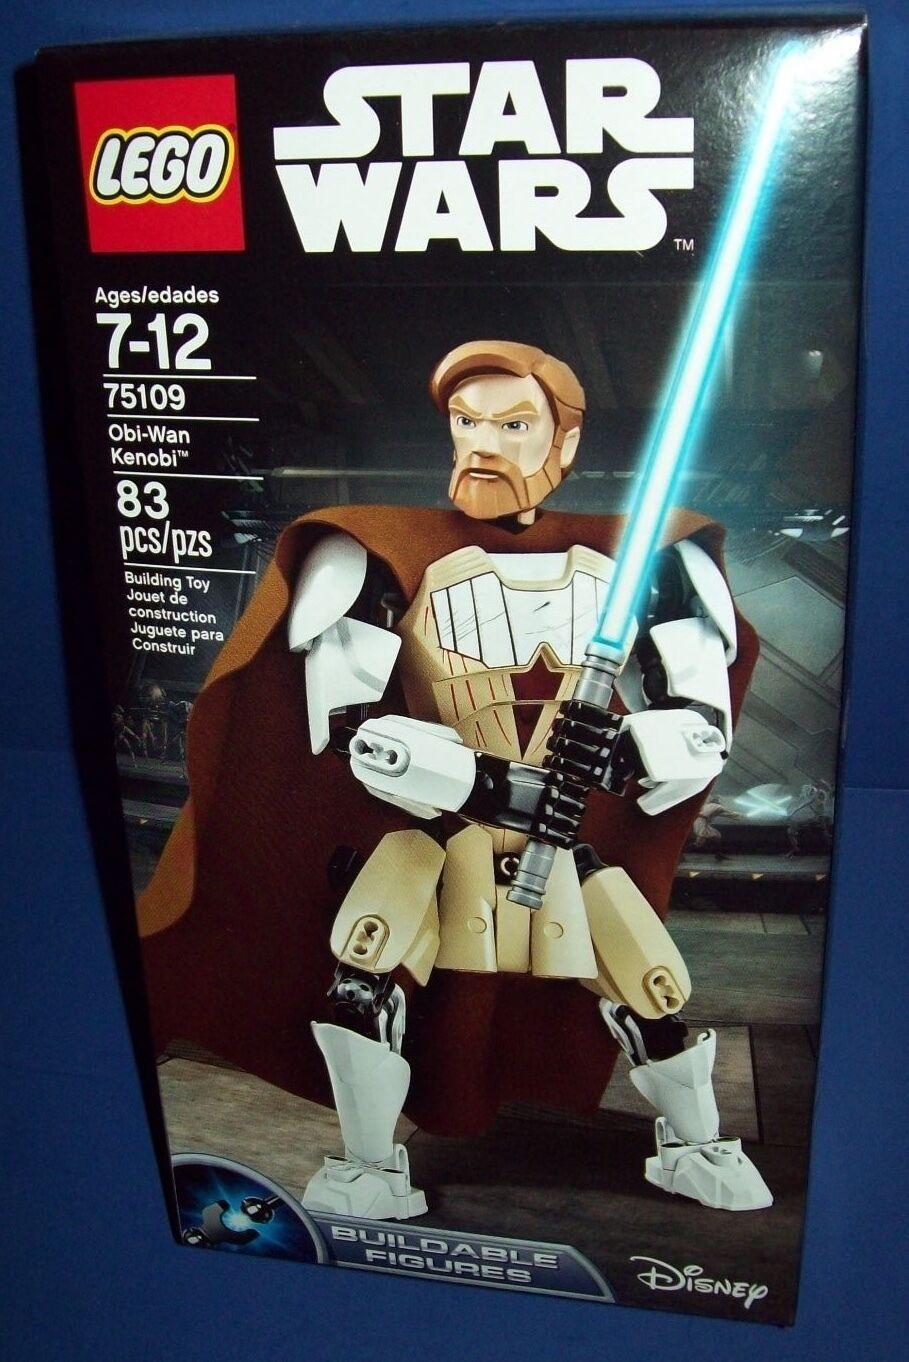 LEGO 75109 OBI-WAN KENOBI  STAR WARS NISB new HTF retiROT buildable figures